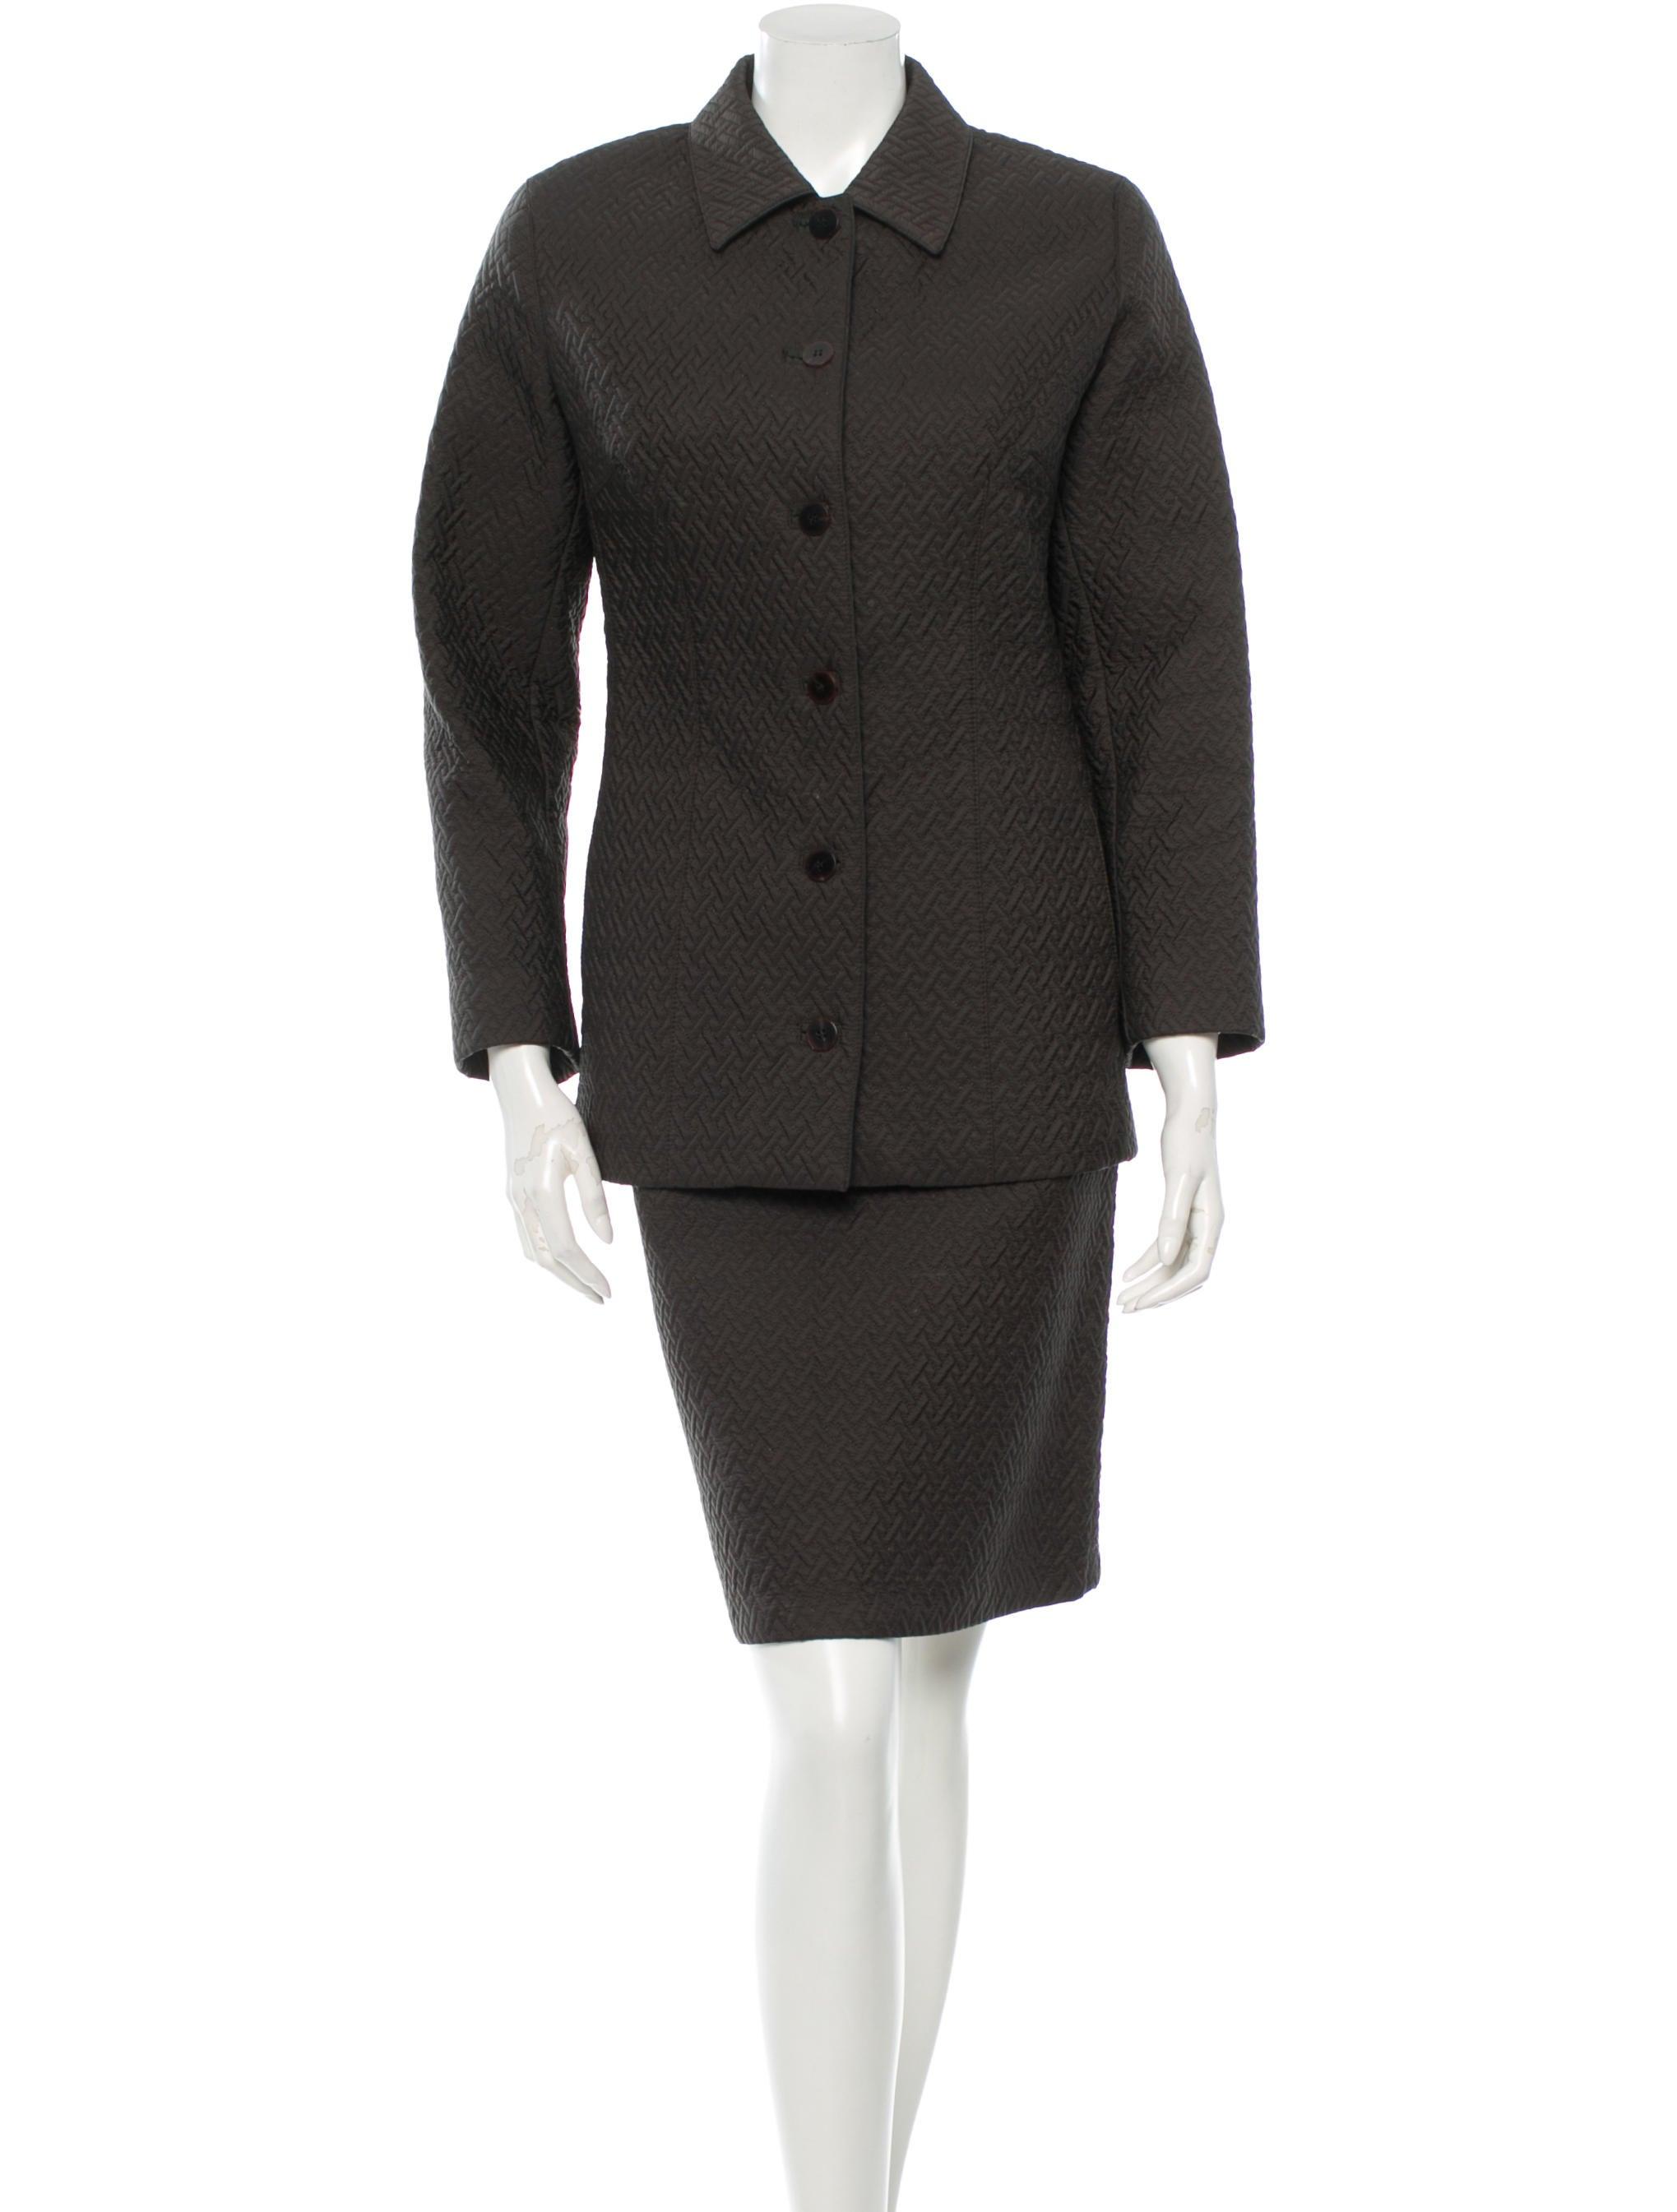 Skirt Suit Sets 91